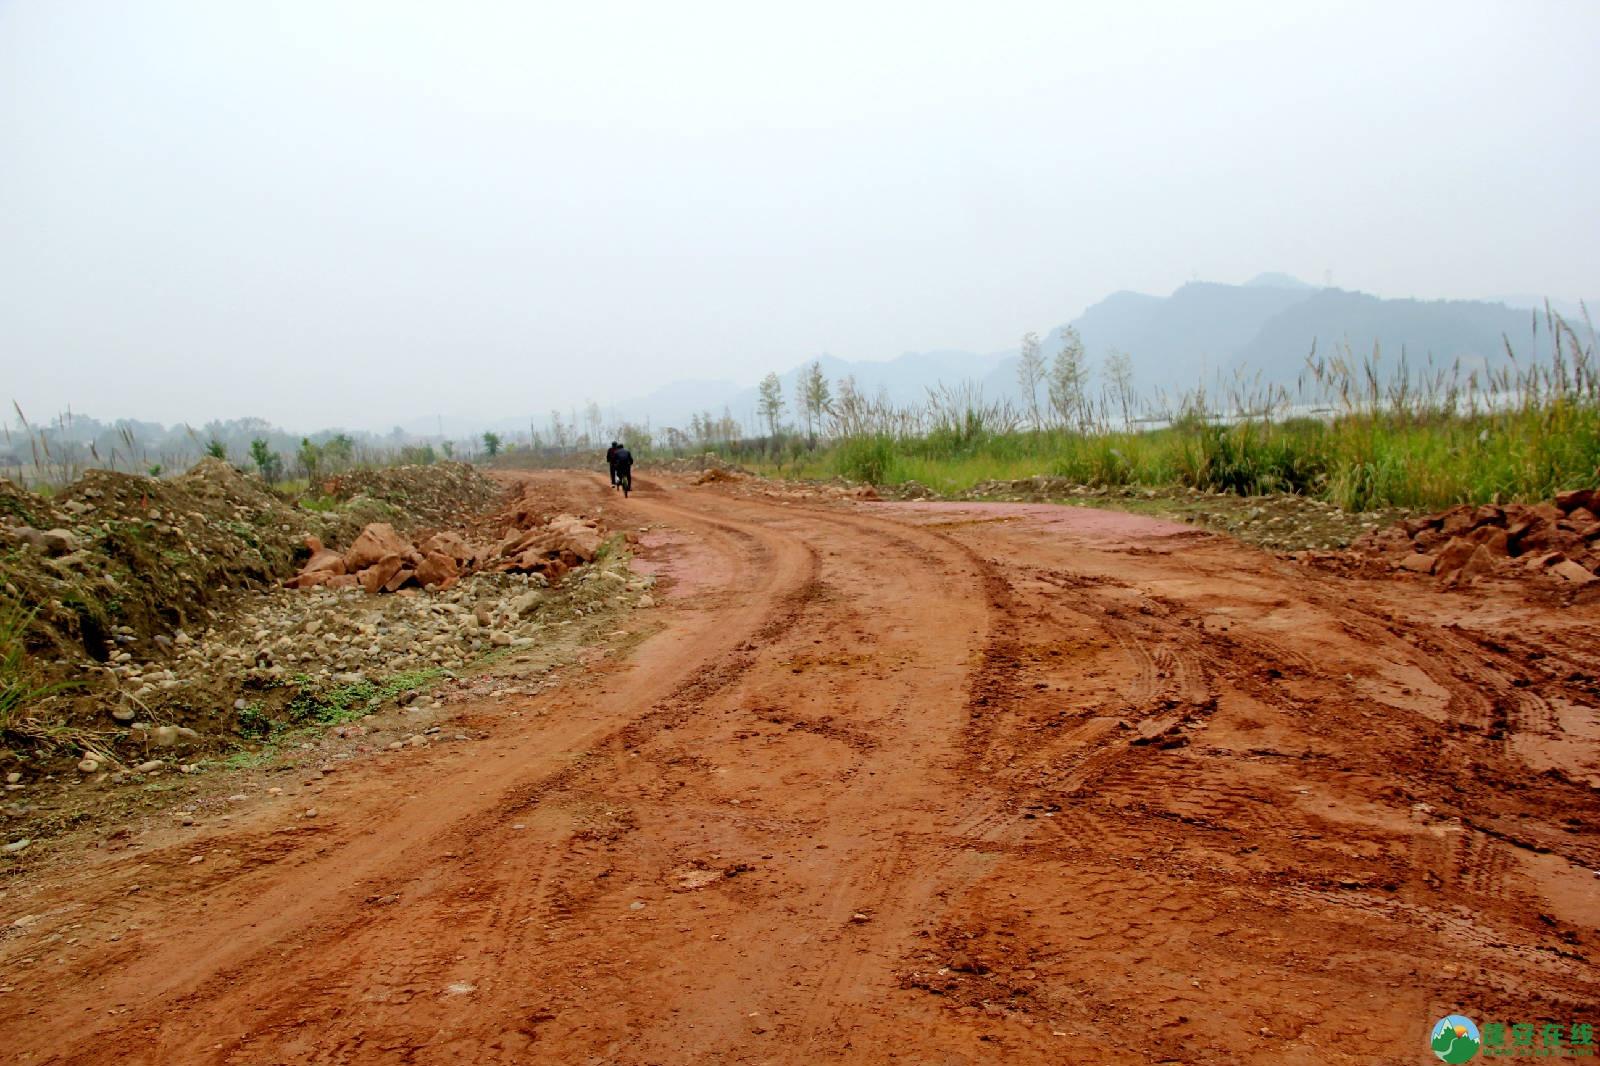 蓬安锦屏湿地公园嘉陵江跑道建设进度 - 第5张  | 蓬安在线